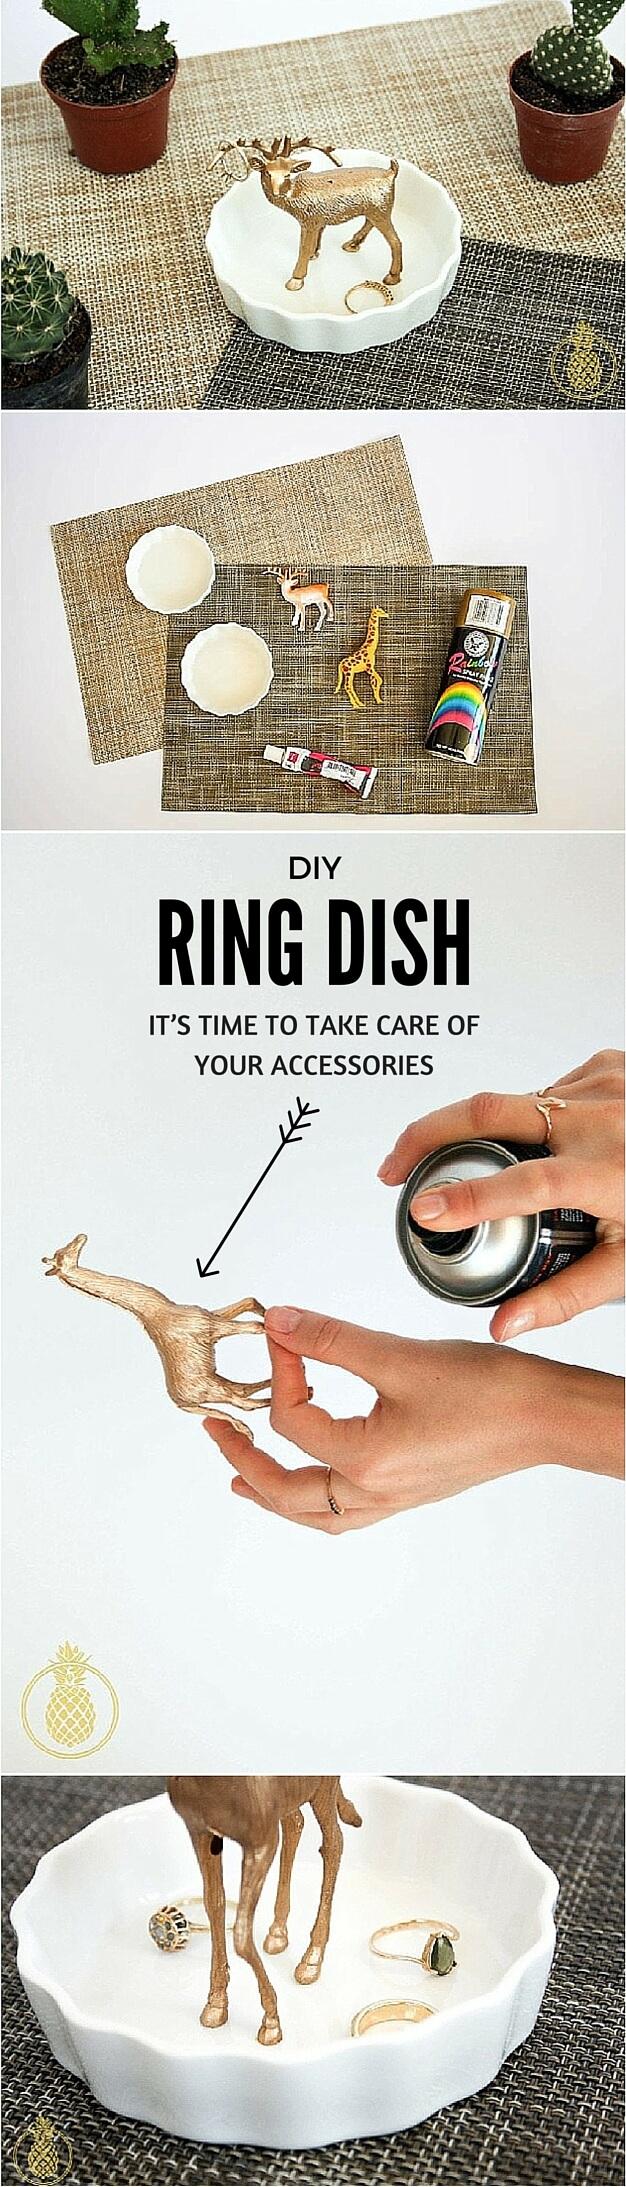 DIY SUPER CUTE Ring Dish